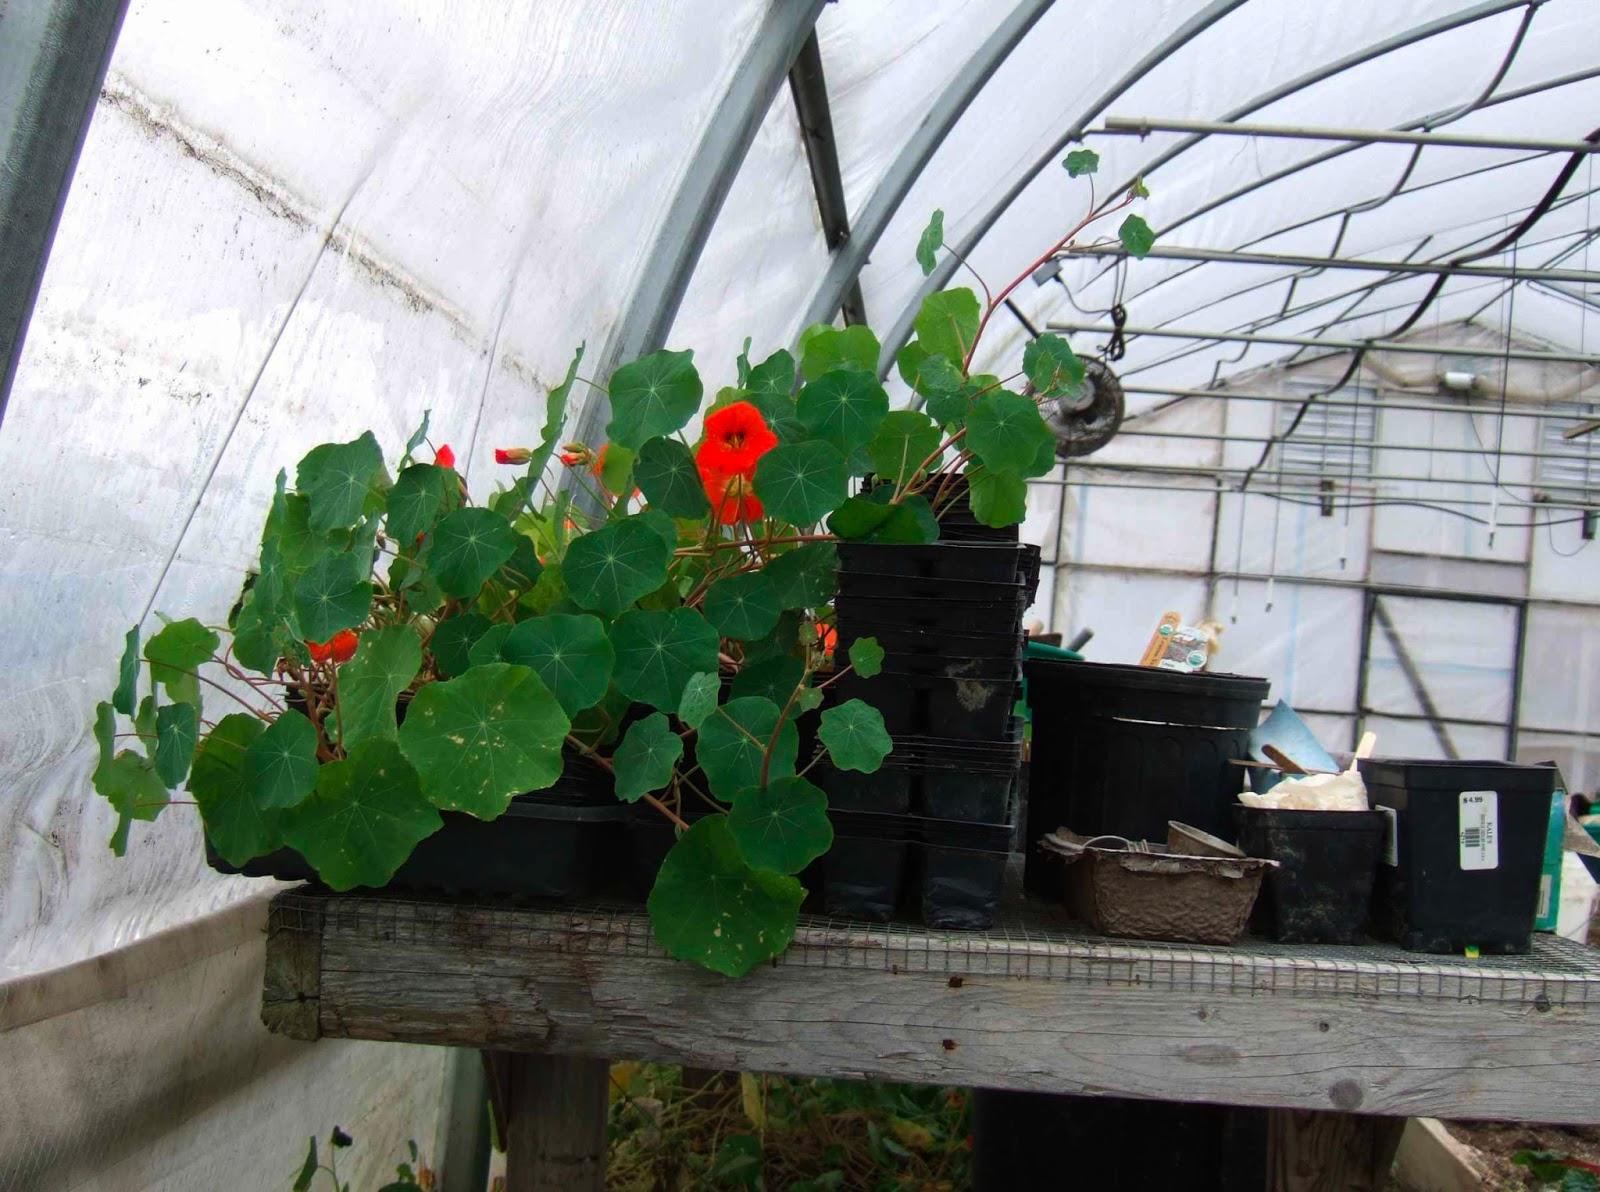 helping gardeners grow gardening in winter